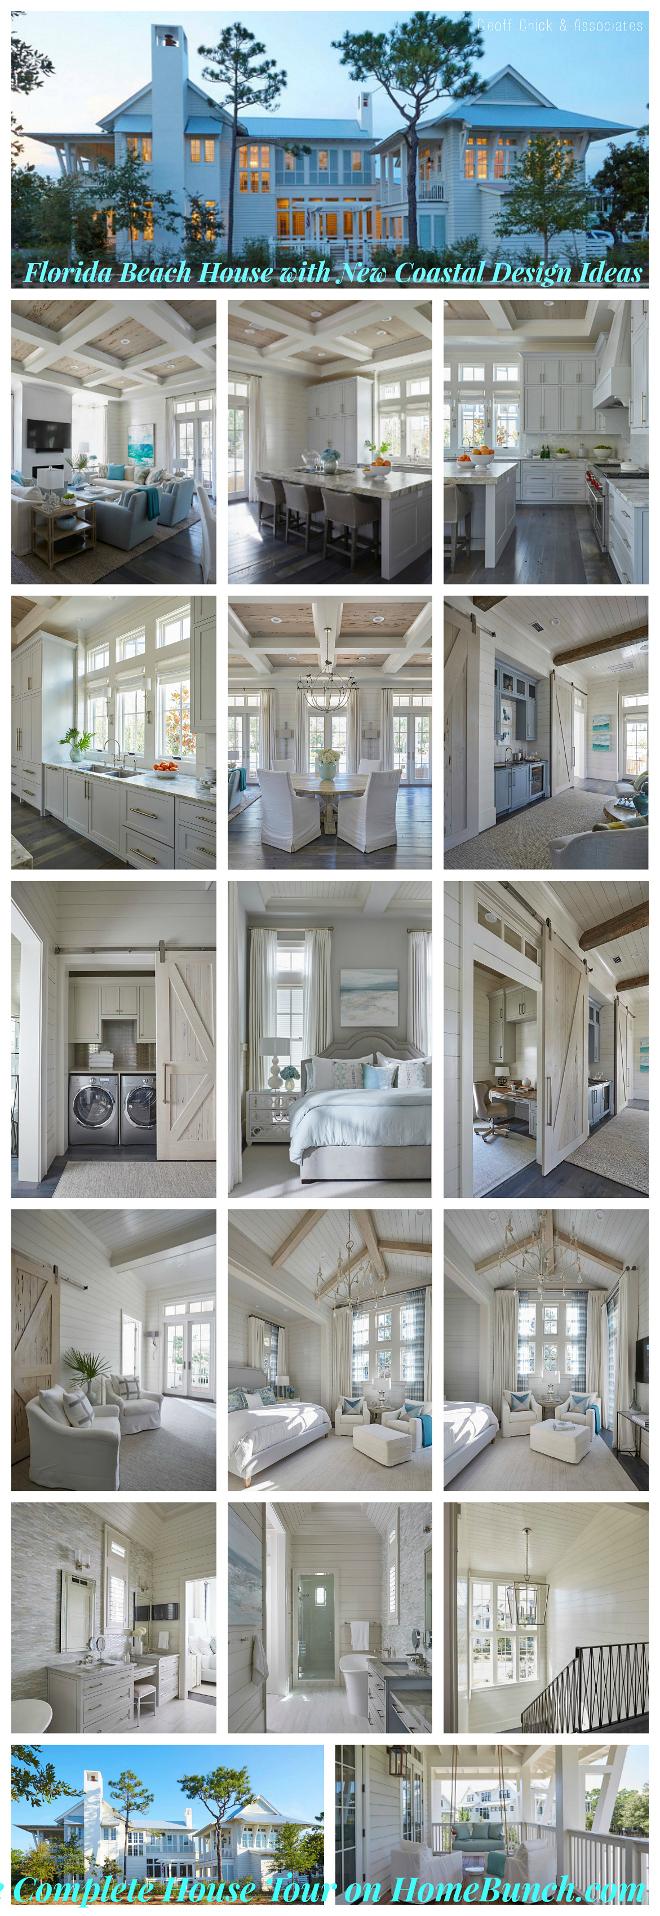 florida-beach-house-with-new-coastal-design-ideas